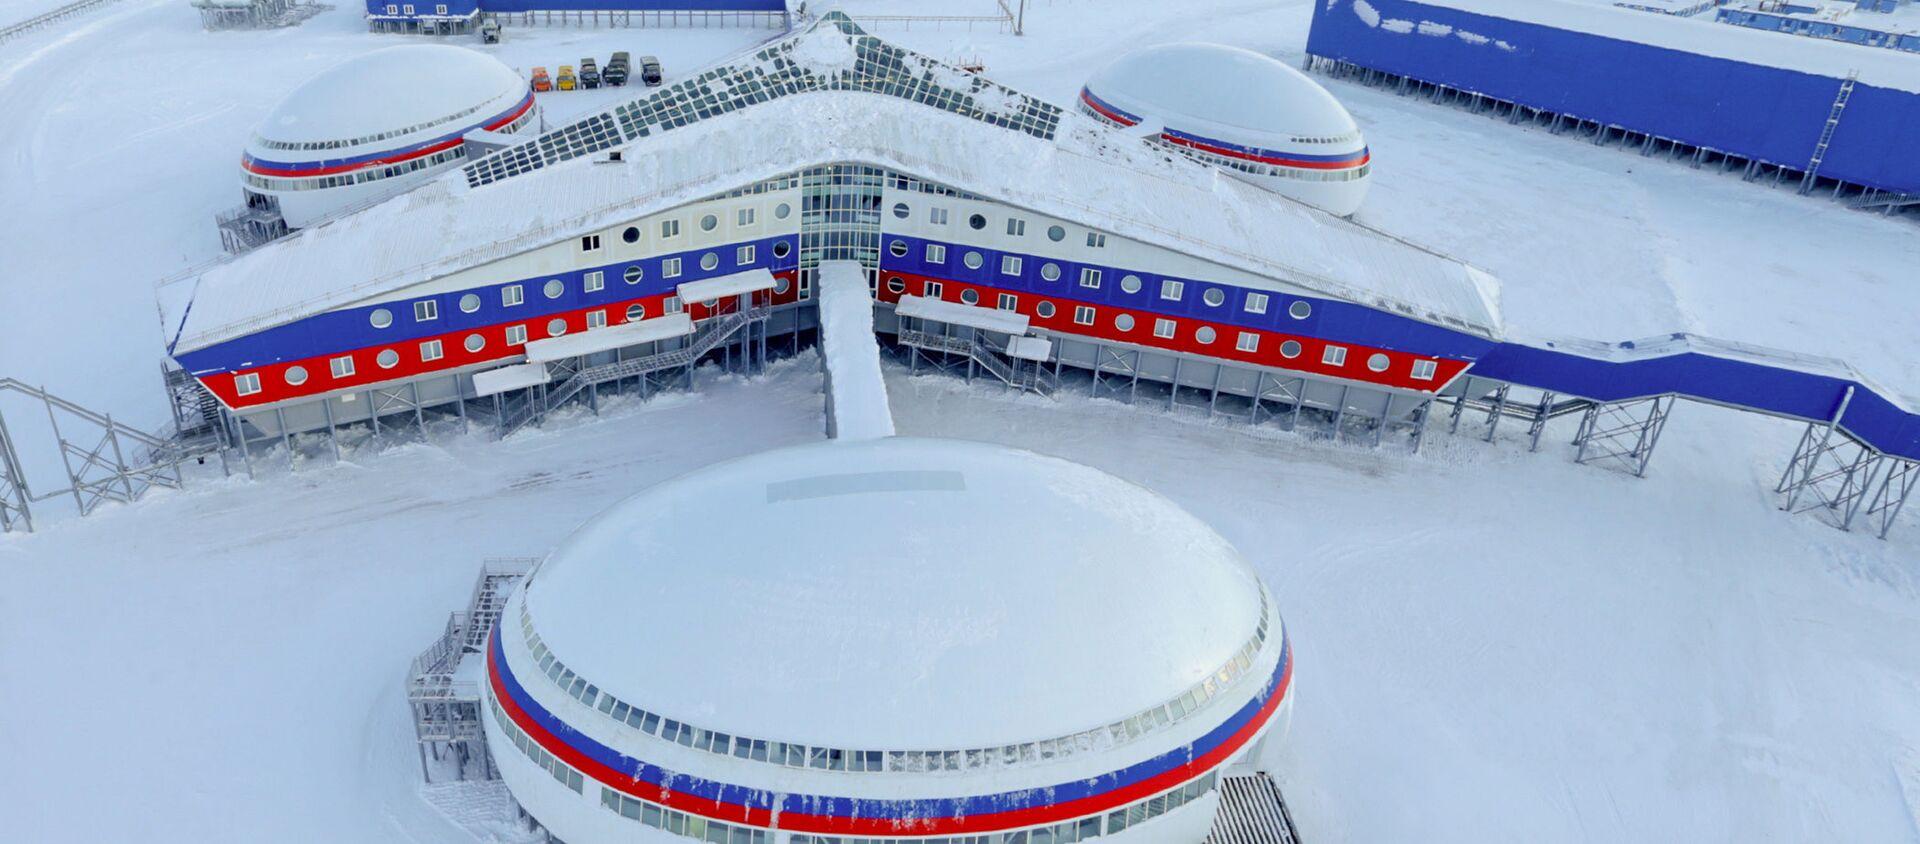 Руска војна база Арктички троугао на острву Александрина земља архипелага Земља Франца Јозефа - Sputnik Србија, 1920, 07.01.2021